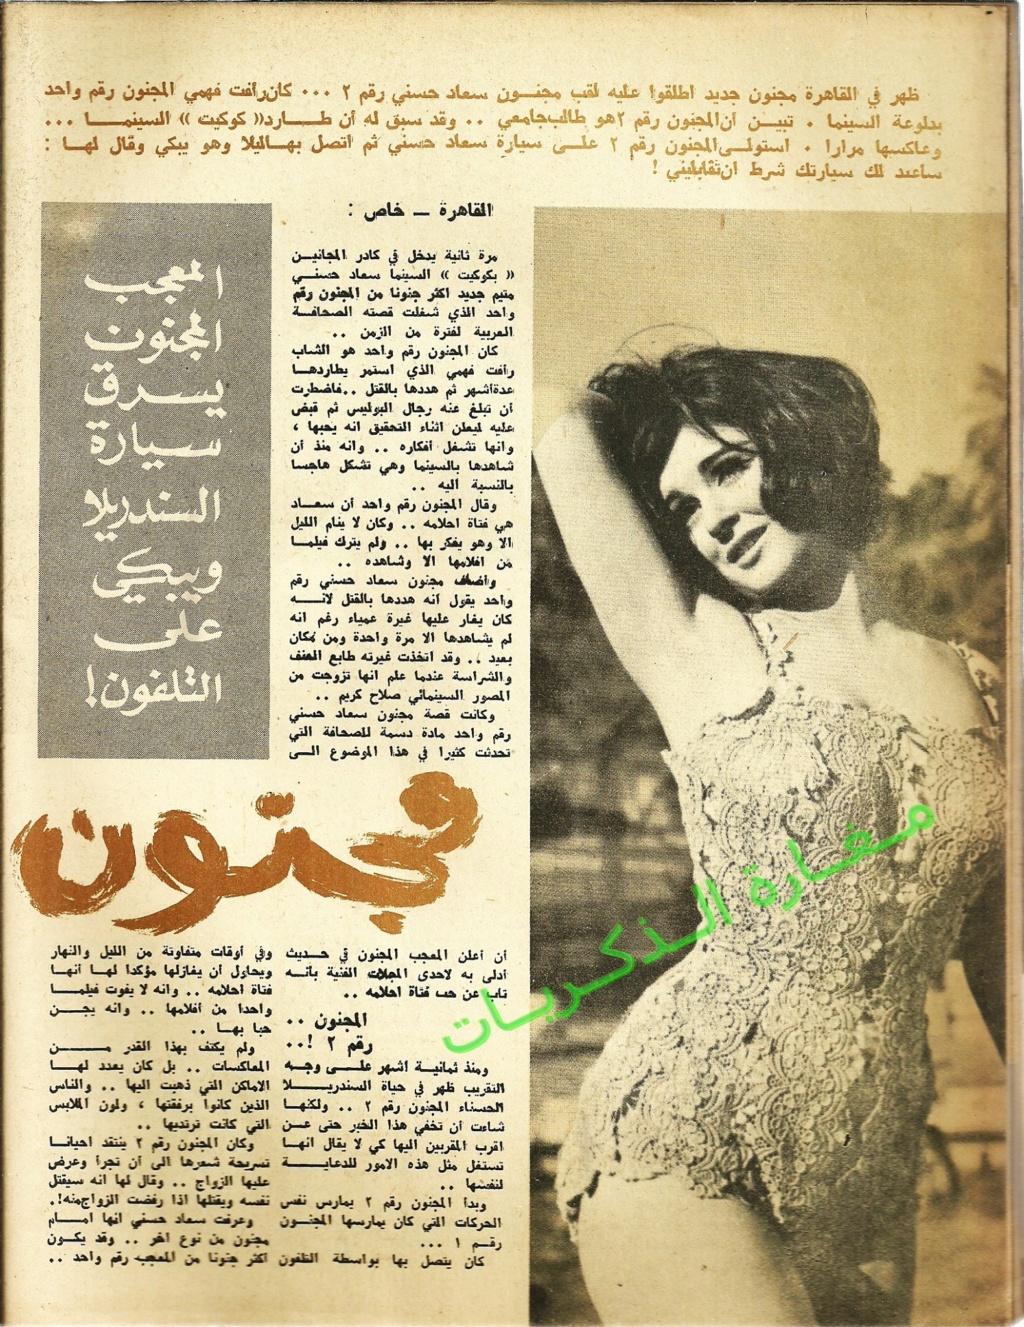 مقال صحفي : مجنون سعاد حسني رقم 2 1969 م 1148